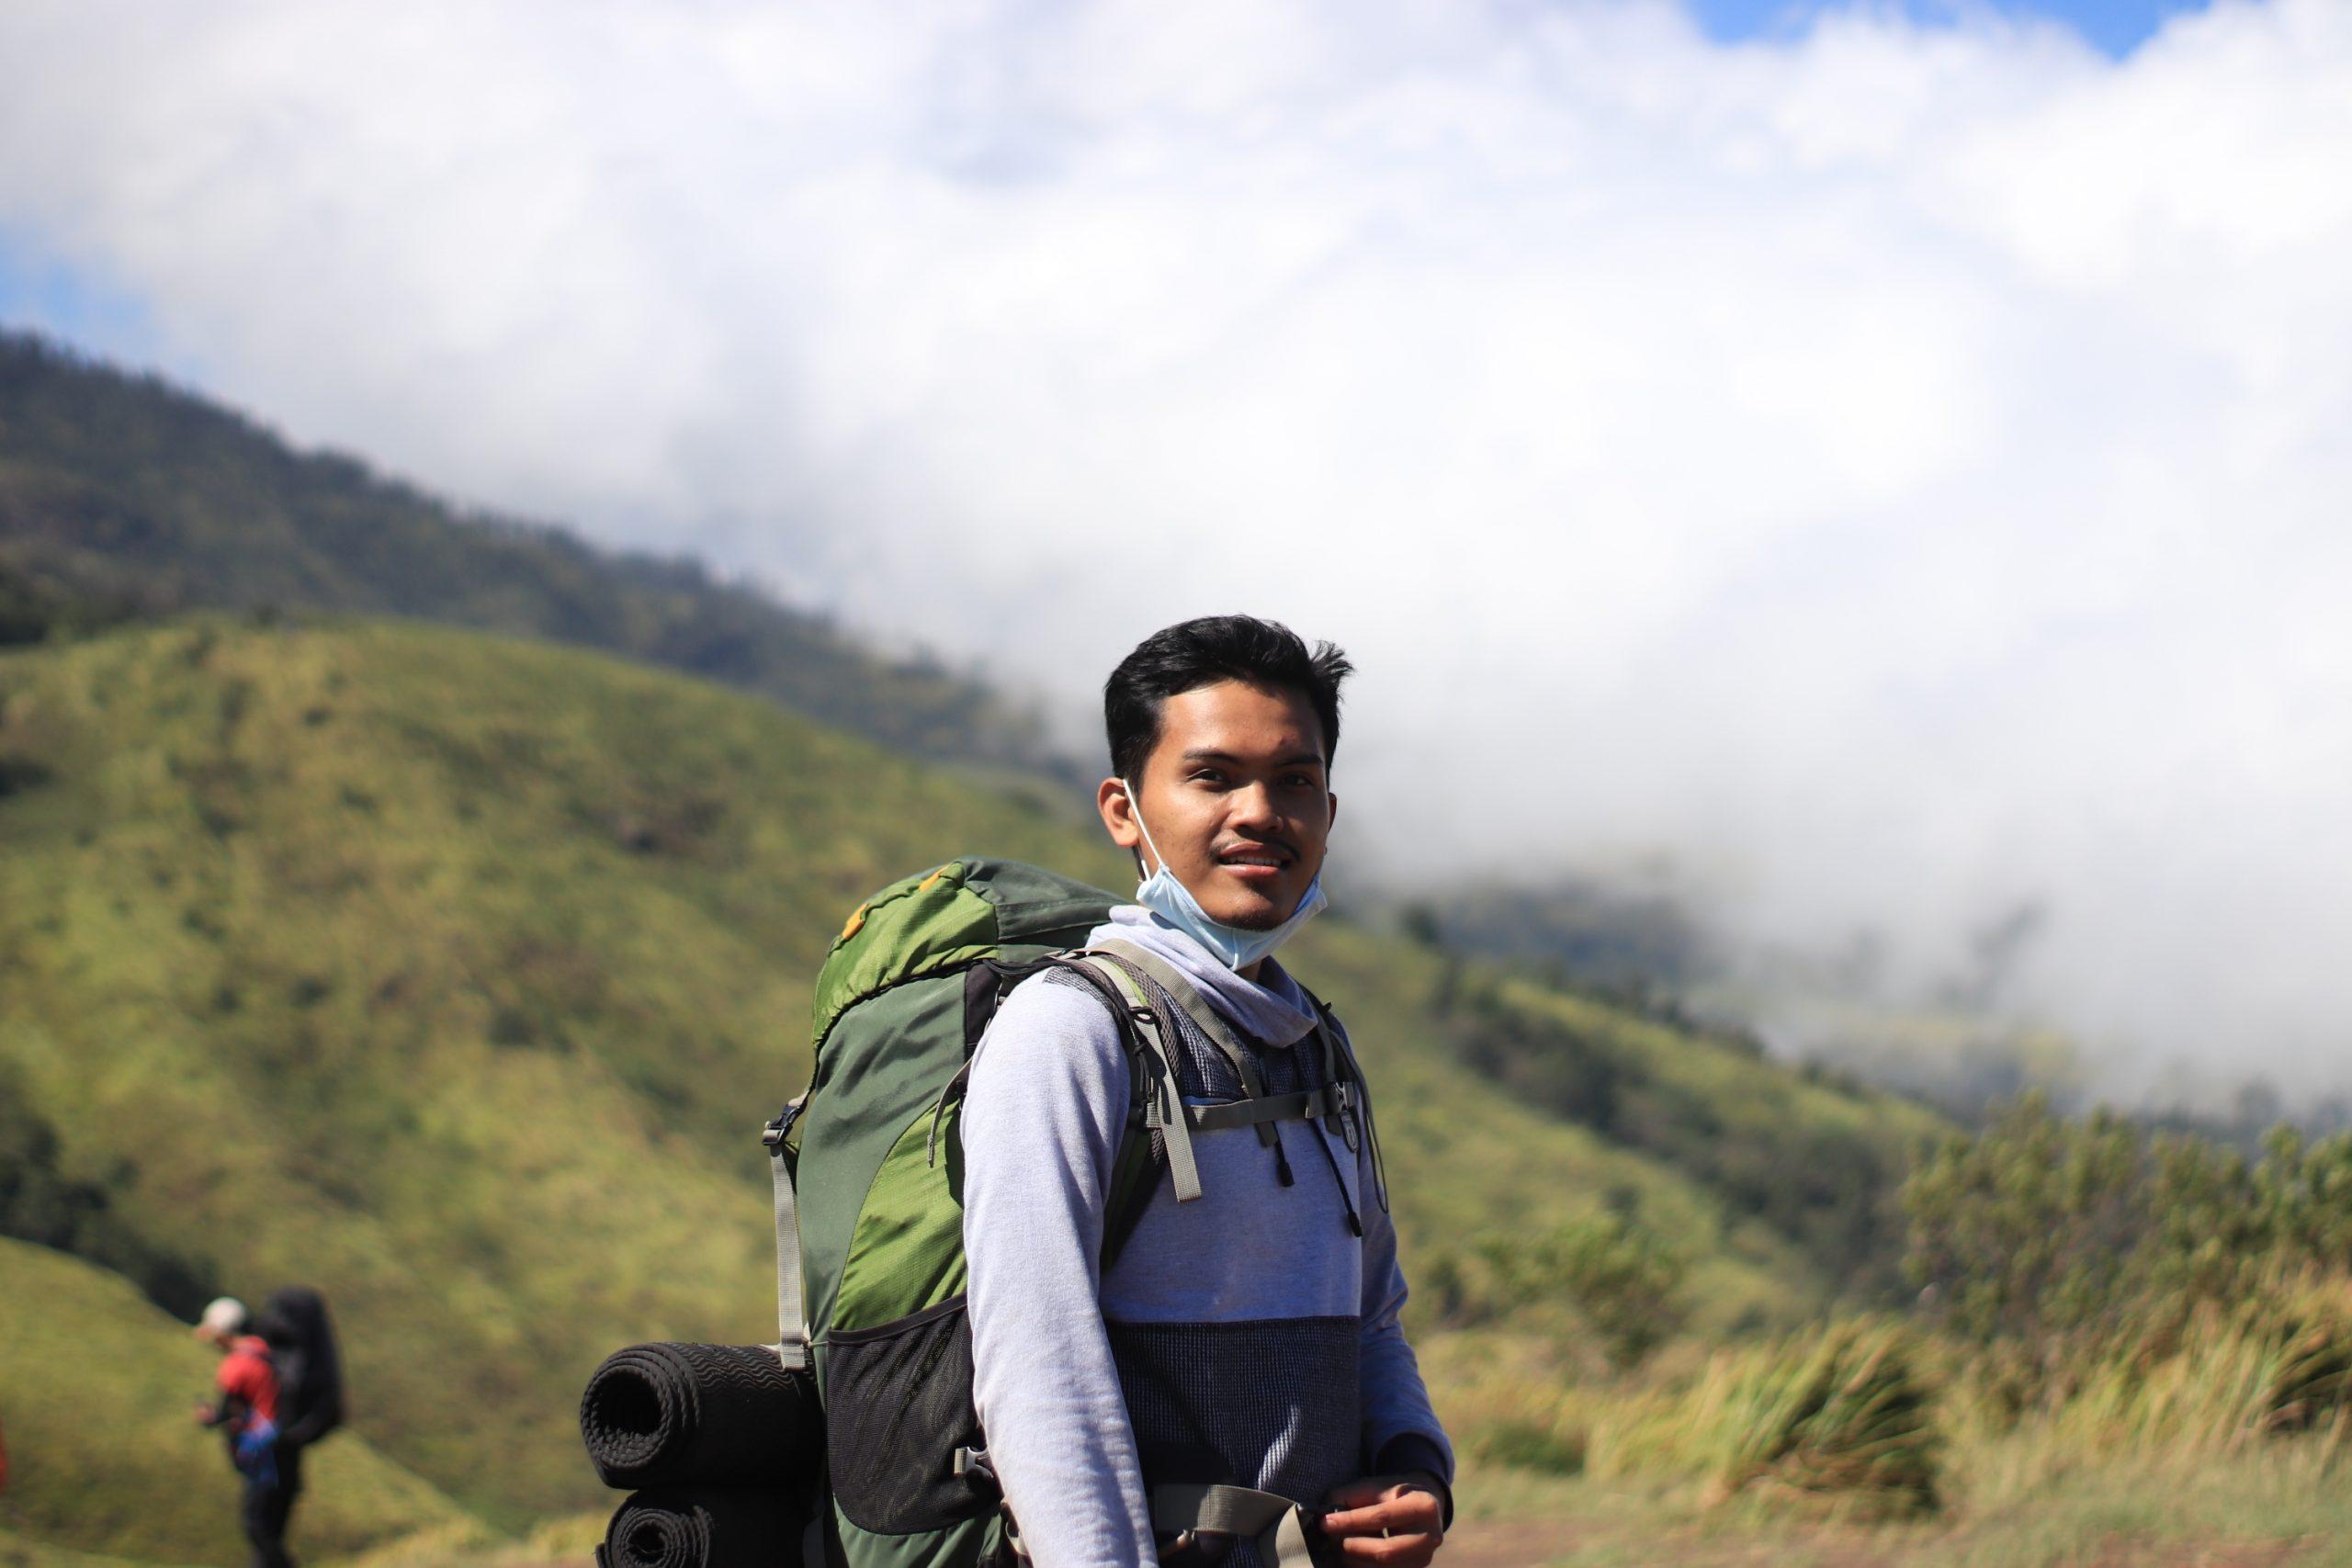 Mendaki ke Gunung Pundak, Pendaki Pemula Wajib Coba!